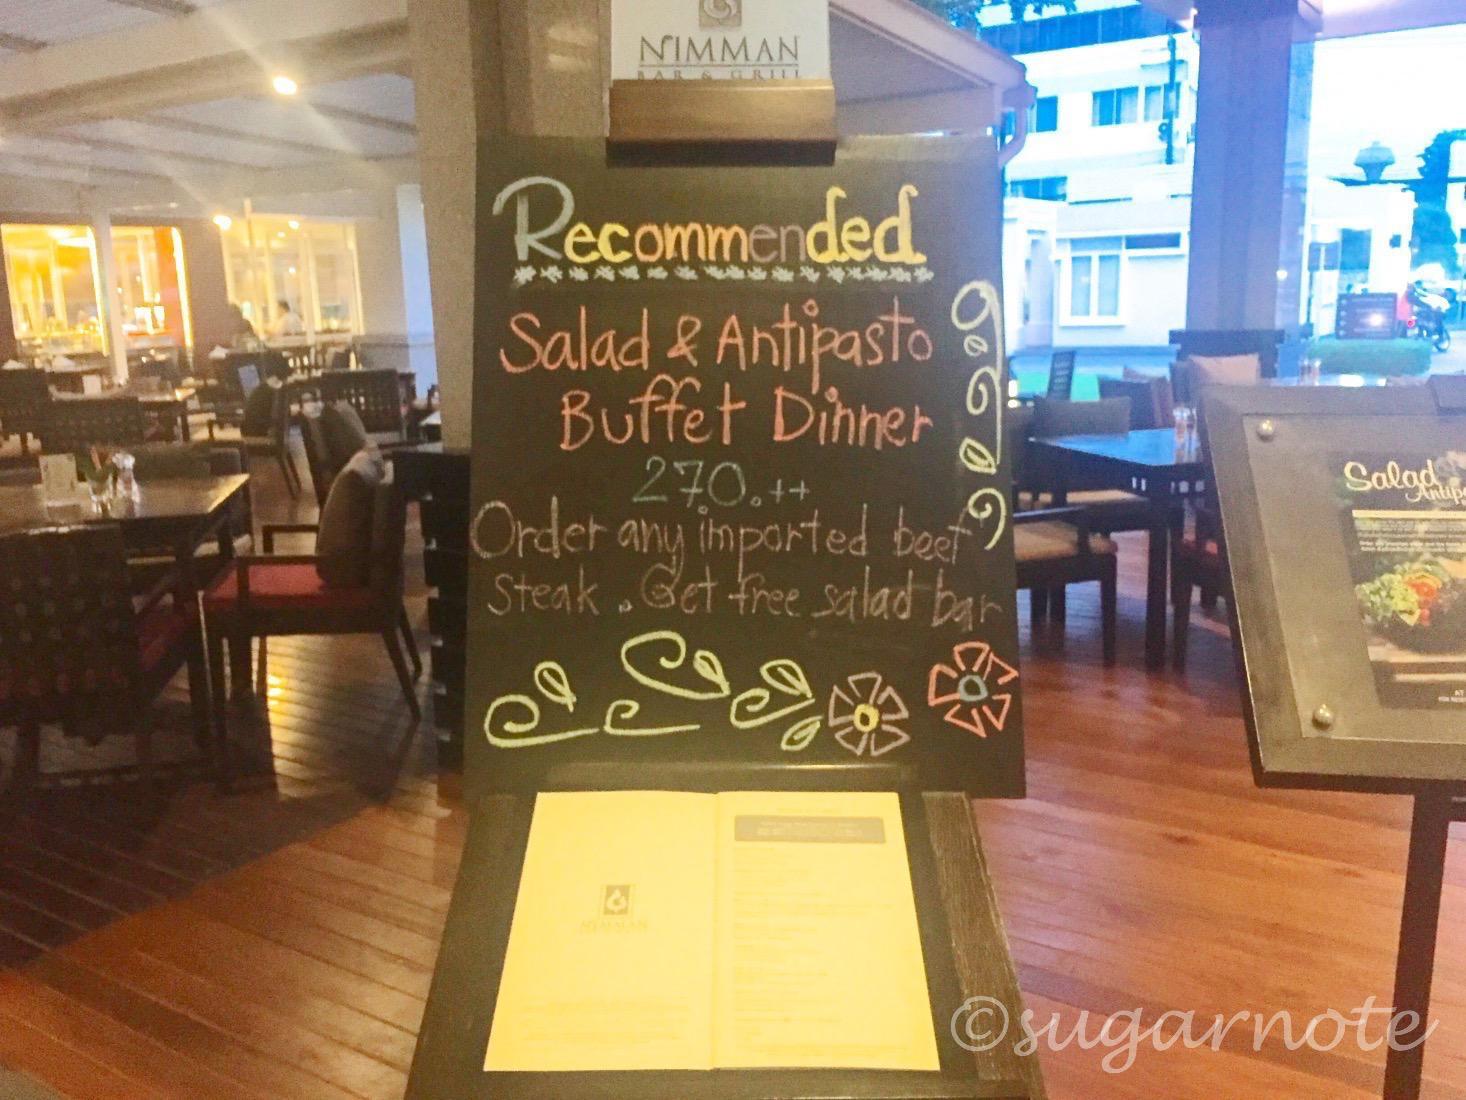 ニーマン・バー&グリル, Nimman Bar & Grill